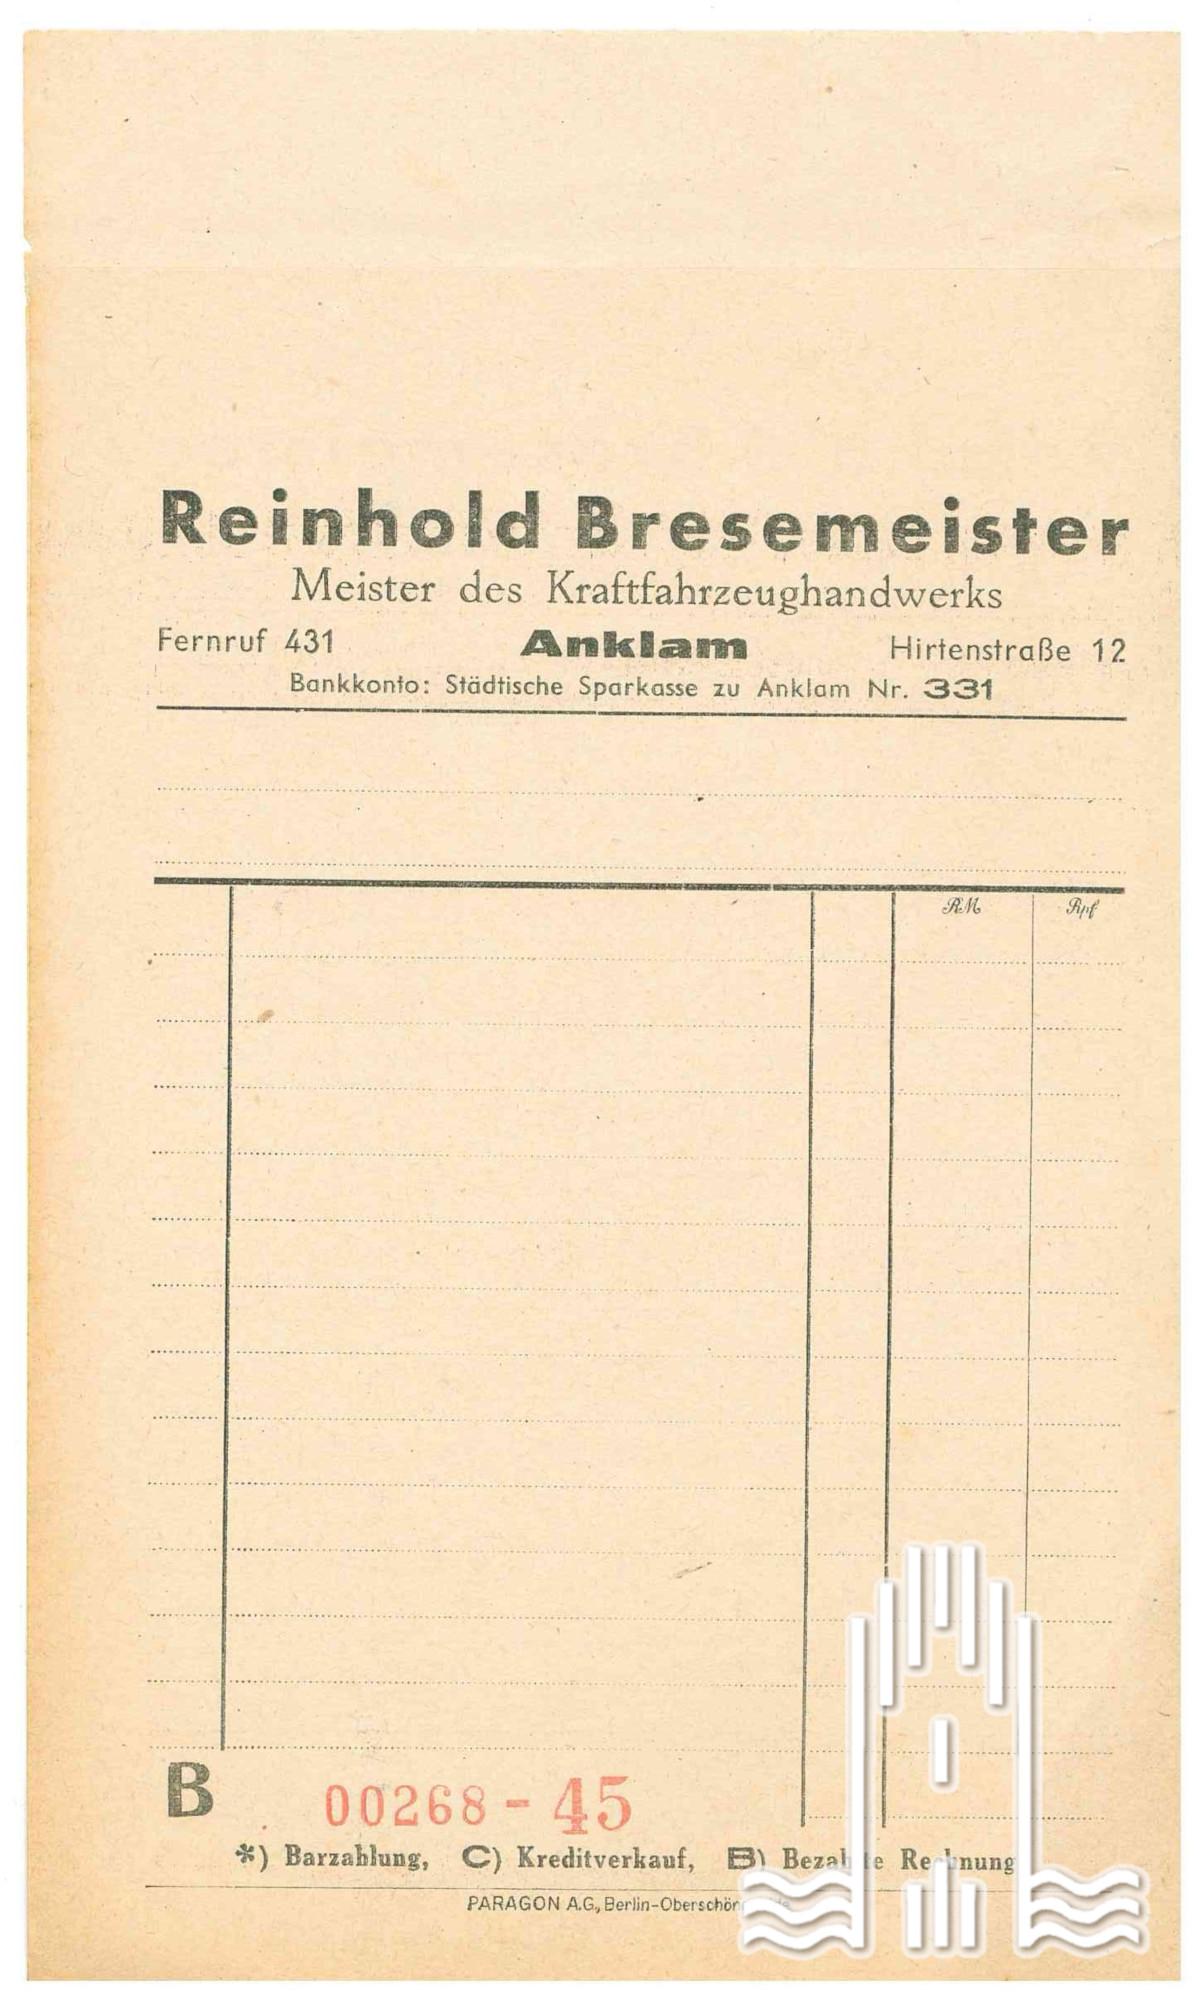 Beleg von Reinhold Bresemeister, Meister des Kraftfahrzeughandwerks Anklam